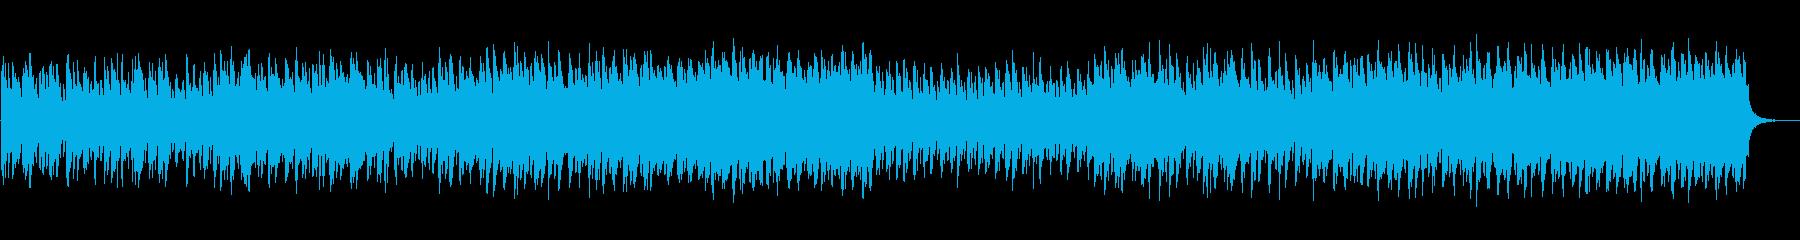 ファンタジー風の導入、イントロダクションの再生済みの波形